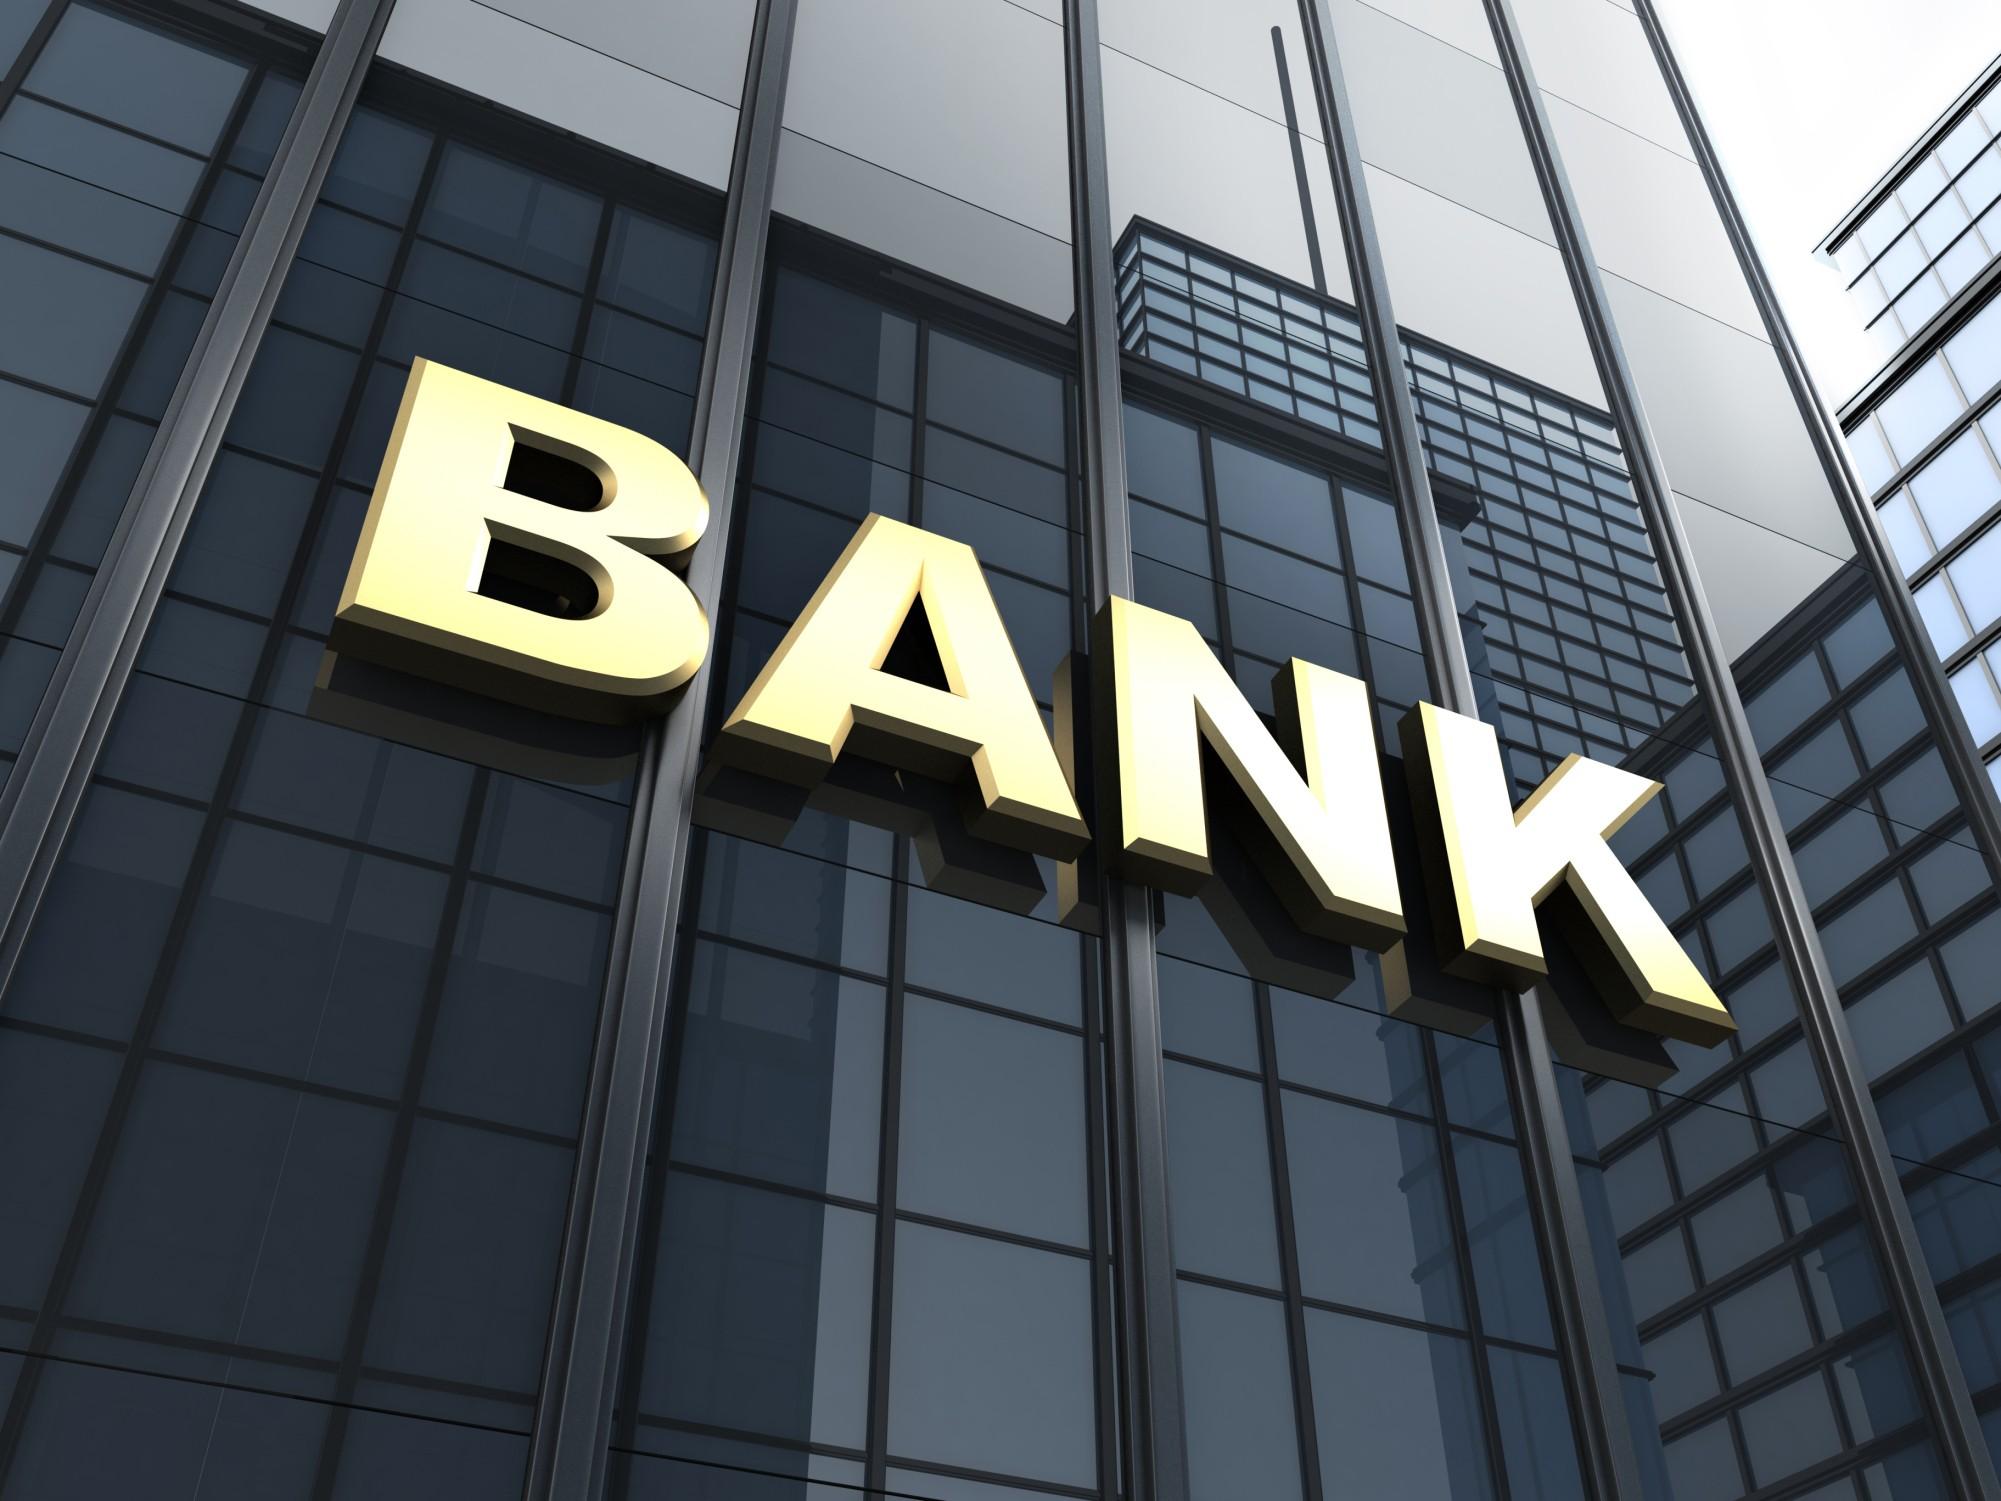 МВФ рекомендует провести независимую оценку качества активов банков РК